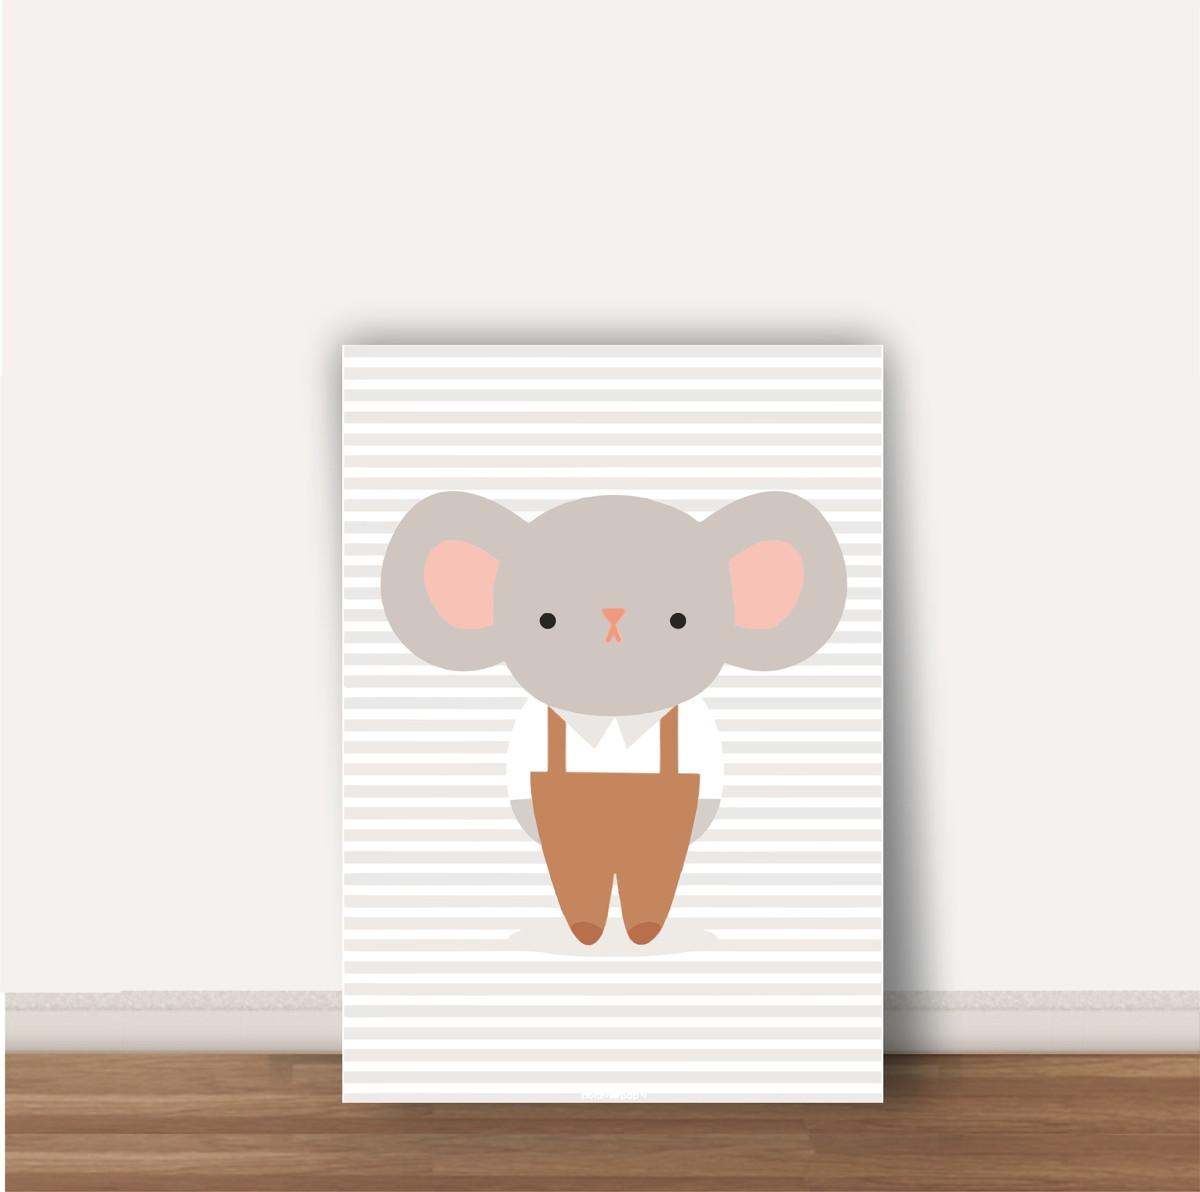 quadro infantil ratinho tamanho a4 no elo7 wood design quadros